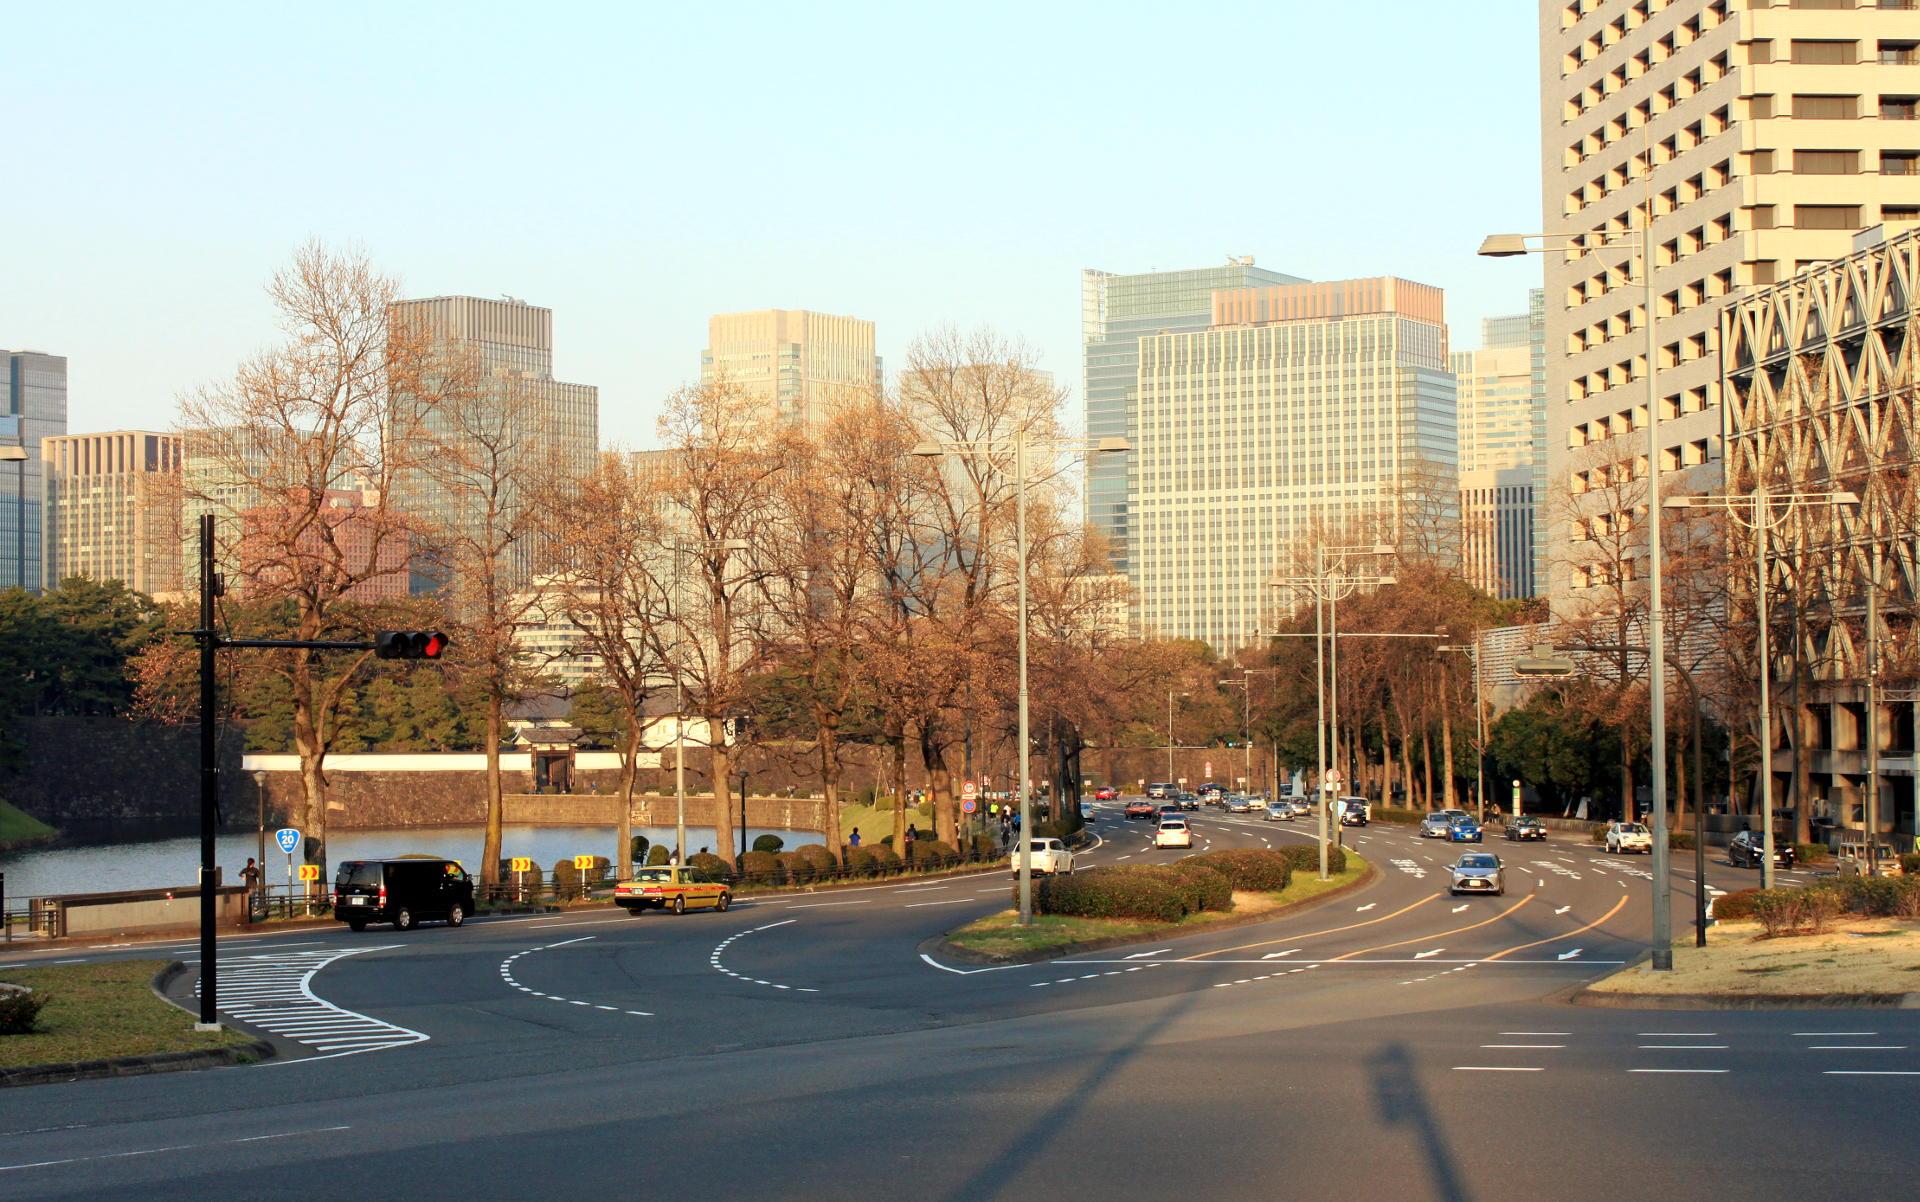 dzielnica Chiyoda Tokio widok ulice iglawpodrozy